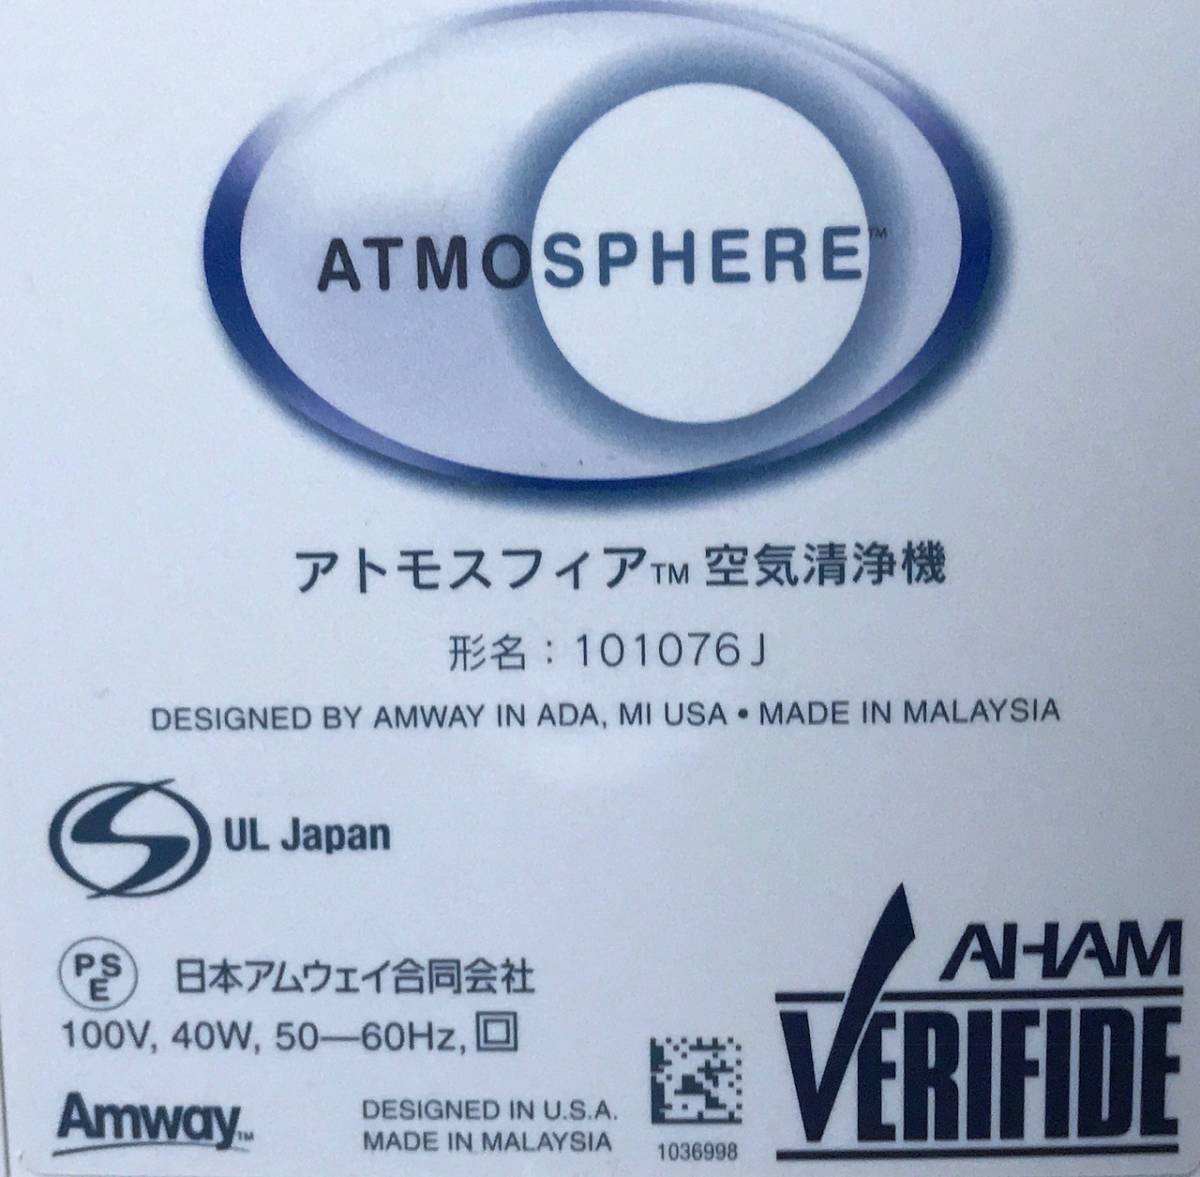 [101076J*2015 год производства * очень красивый товар ] Amway * следы mo sphere TM очиститель воздуха * исправно работающий товар *PM2.5 соответствует 0.009μm и больше. частица .99.99% удаление!